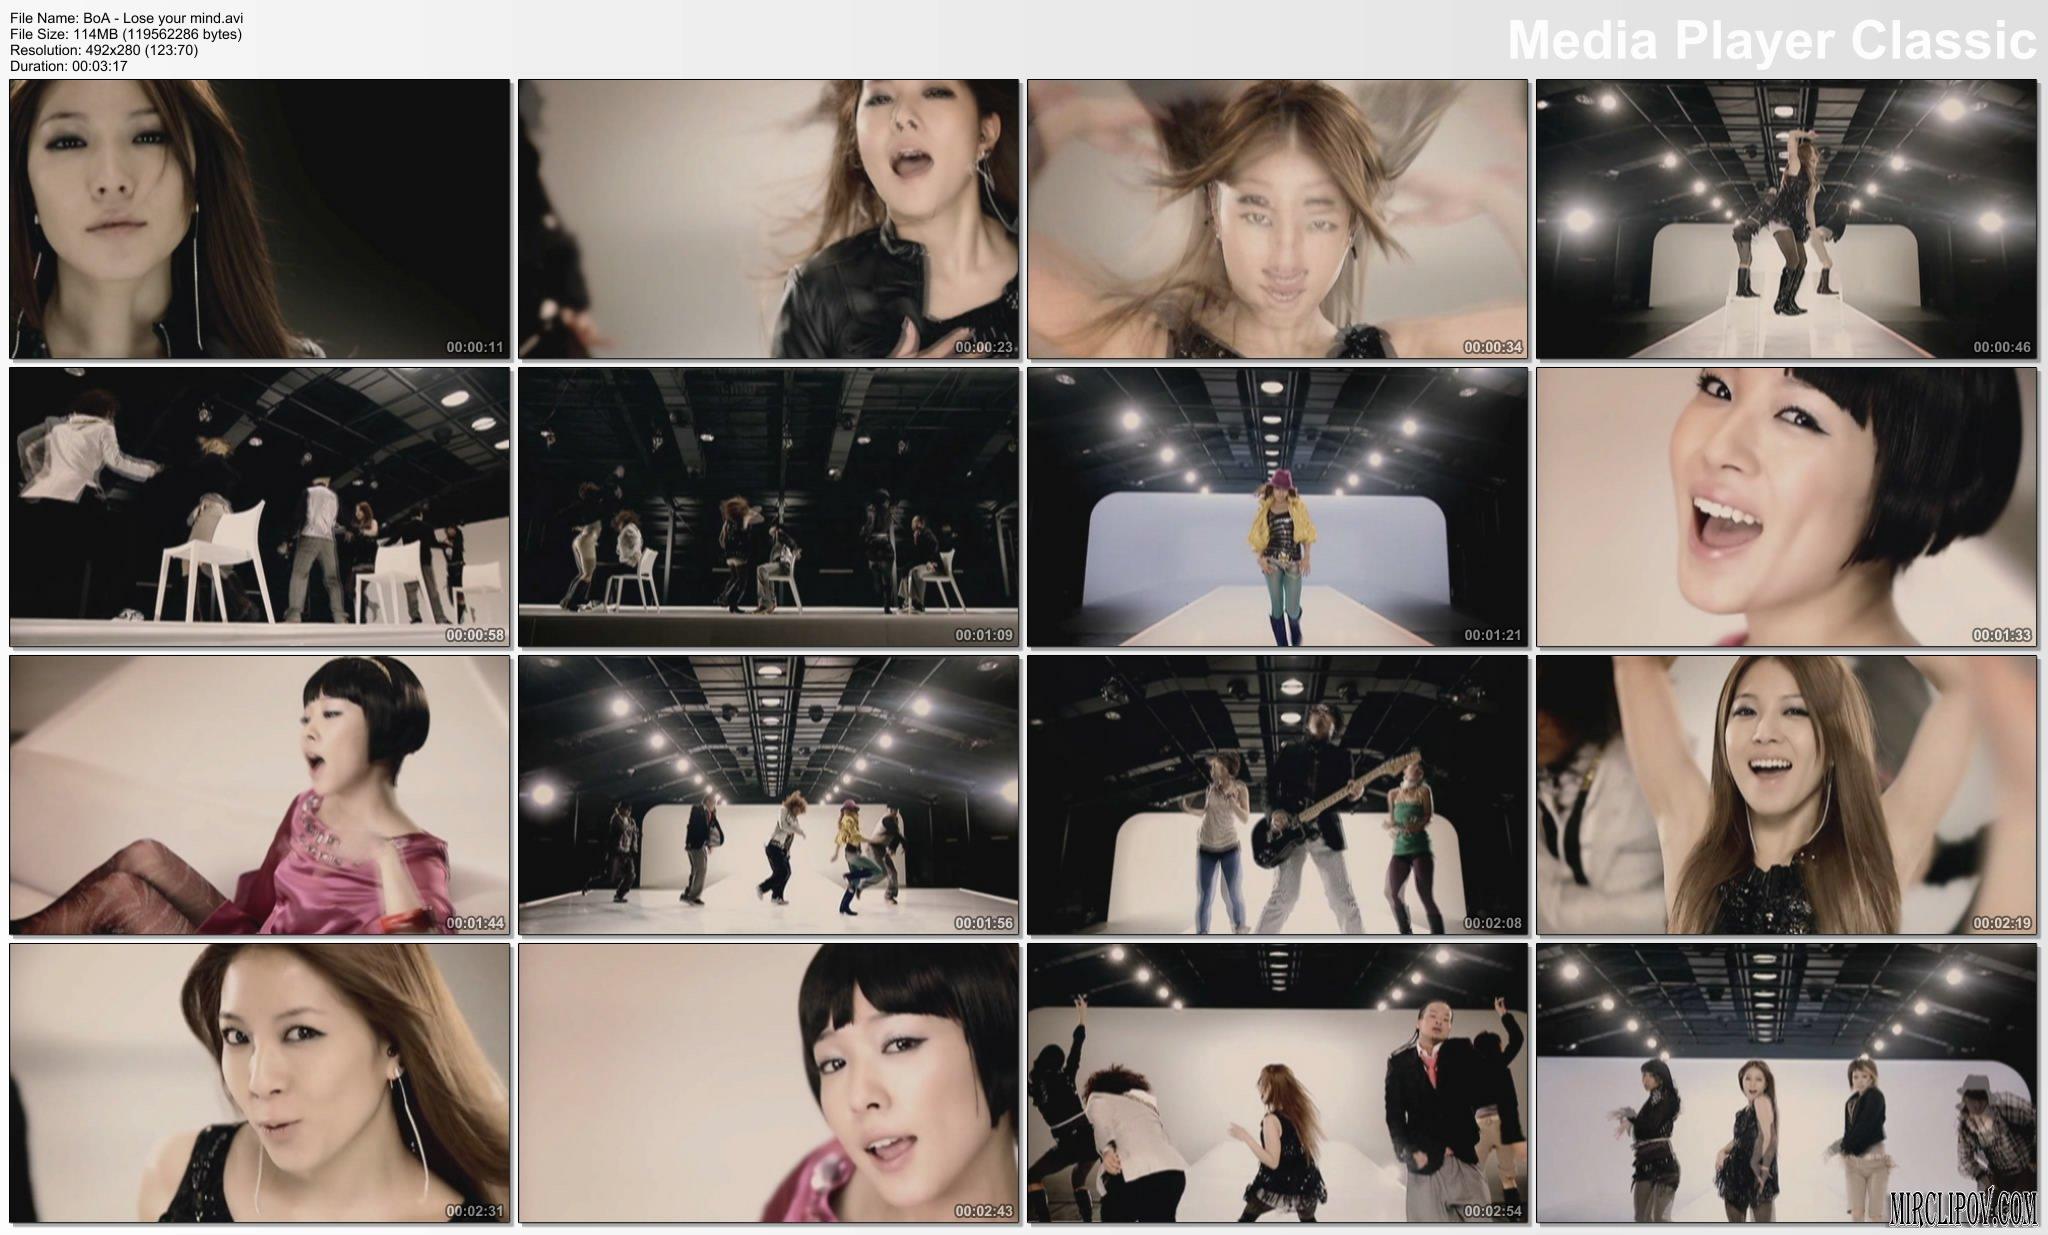 Смотреть бесплатно музыкальные клипы для взрослых 3 фотография